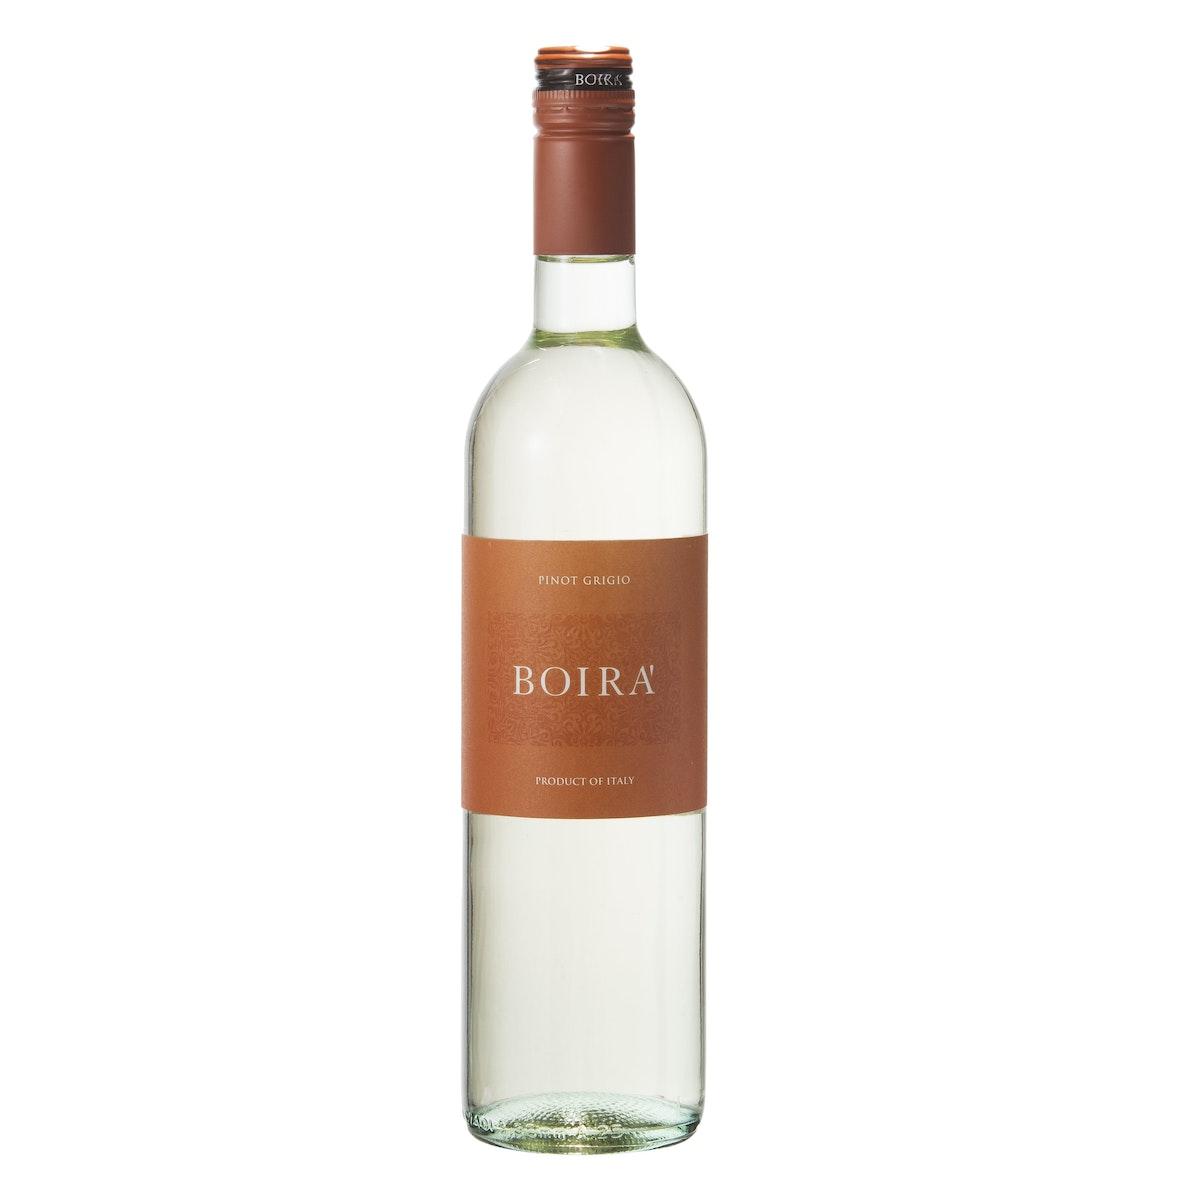 Pinot grigio 'Boira', 2020